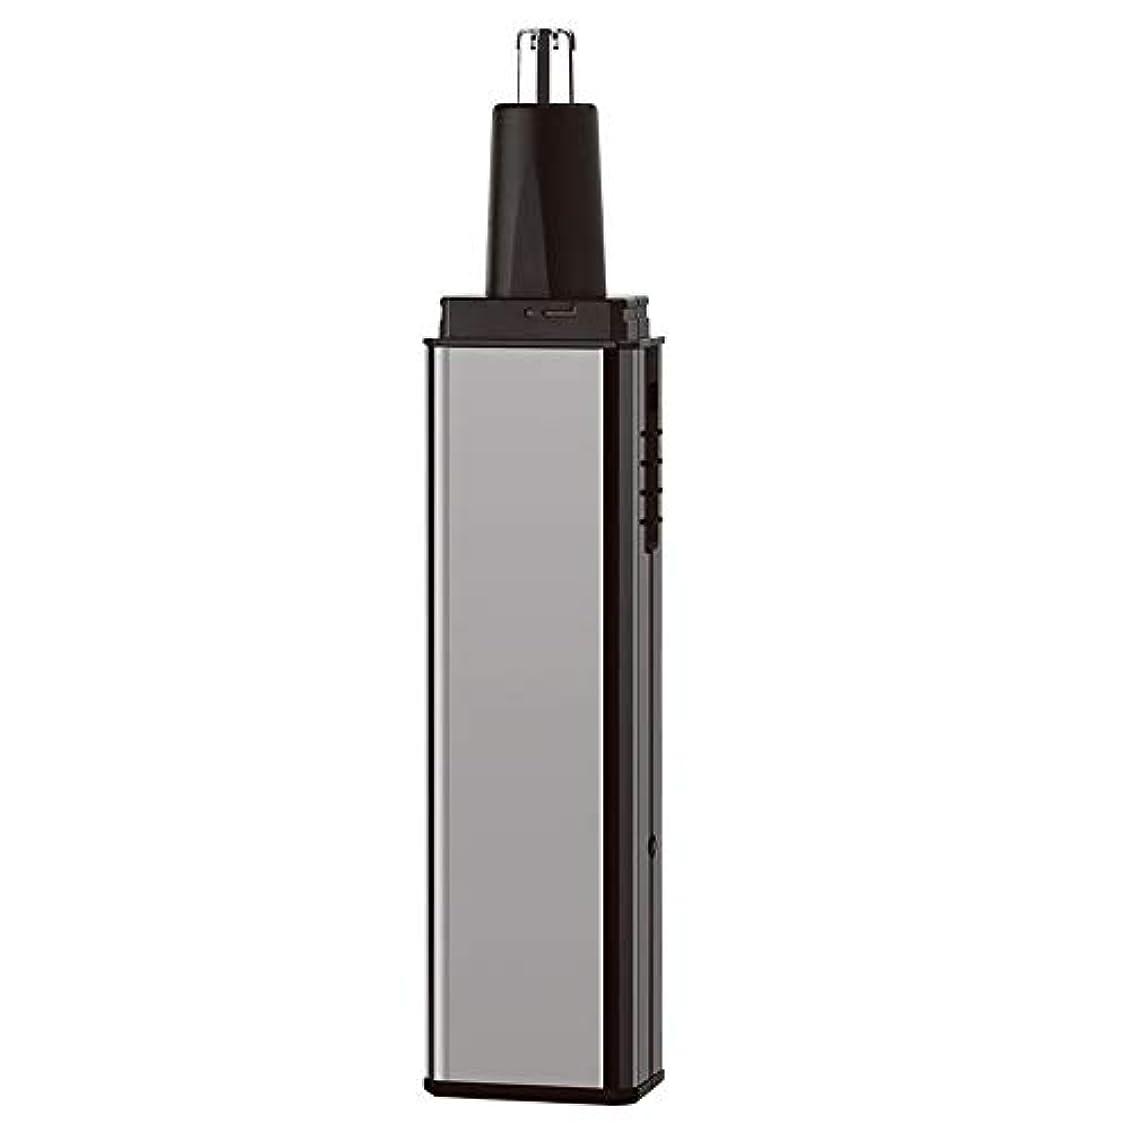 ランタンピボットピンポイント鼻毛トリマー-多機能スーツフォーインワン/電気鼻毛トリマー/ステンレススチール/多機能/ 13.5 * 2.7cm 持つ価値があります